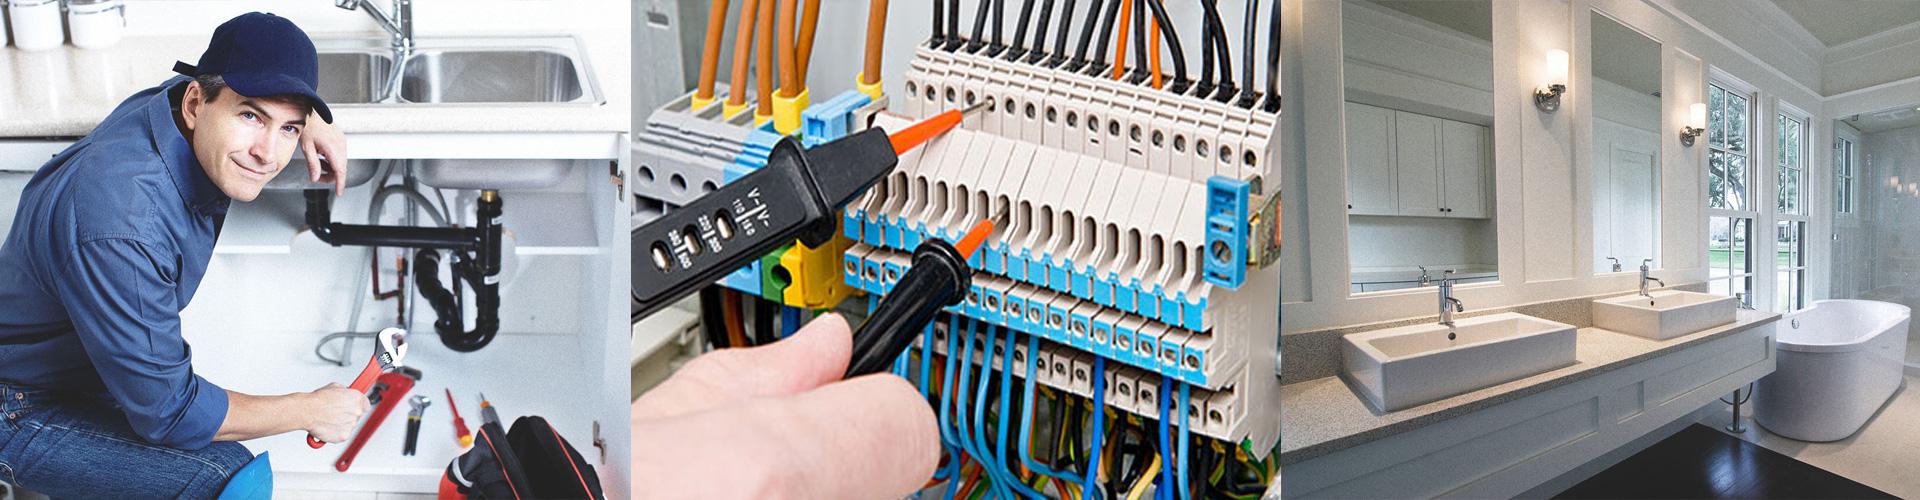 SMC Services est au service des entreprises et des collectivités locales qui souhaitent déléguer les postes d'entretien, de maintenance et de nettoyage que ce soit de façon régulière ou ponctuelle.